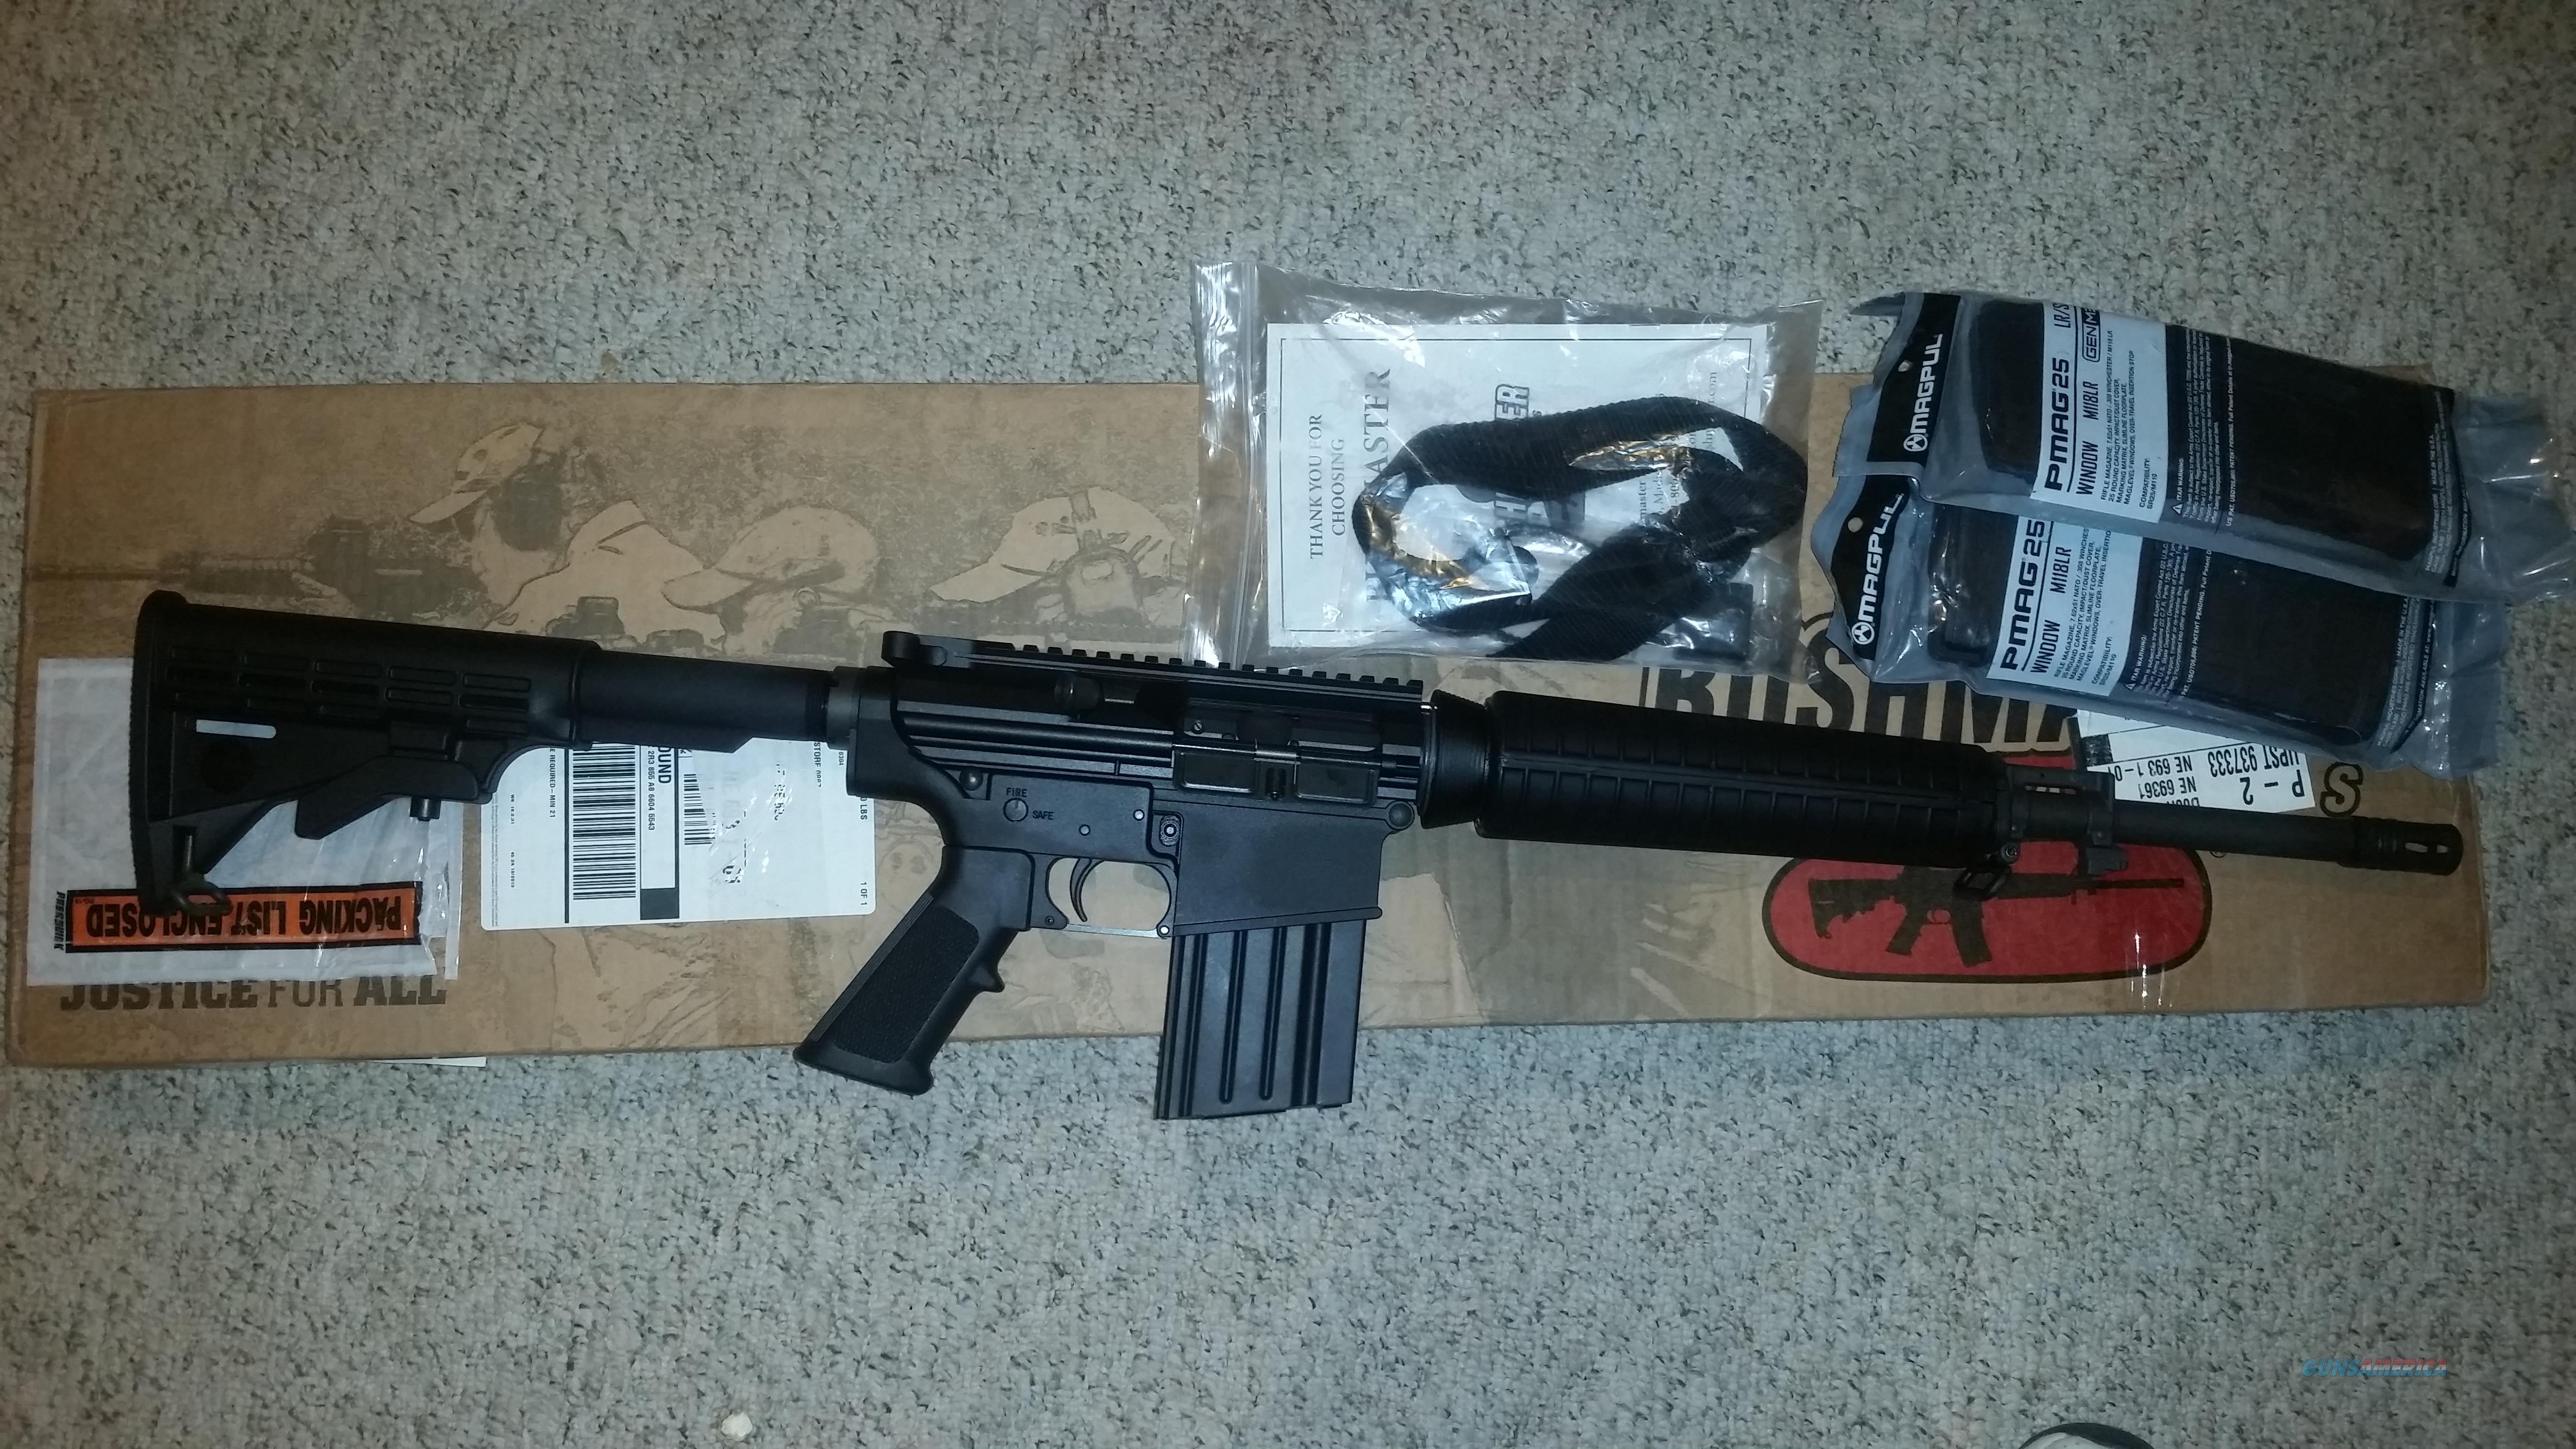 Bushmaster 308 ORC NIB with xtra mags  Guns > Rifles > Bushmaster Rifles > Complete Rifles